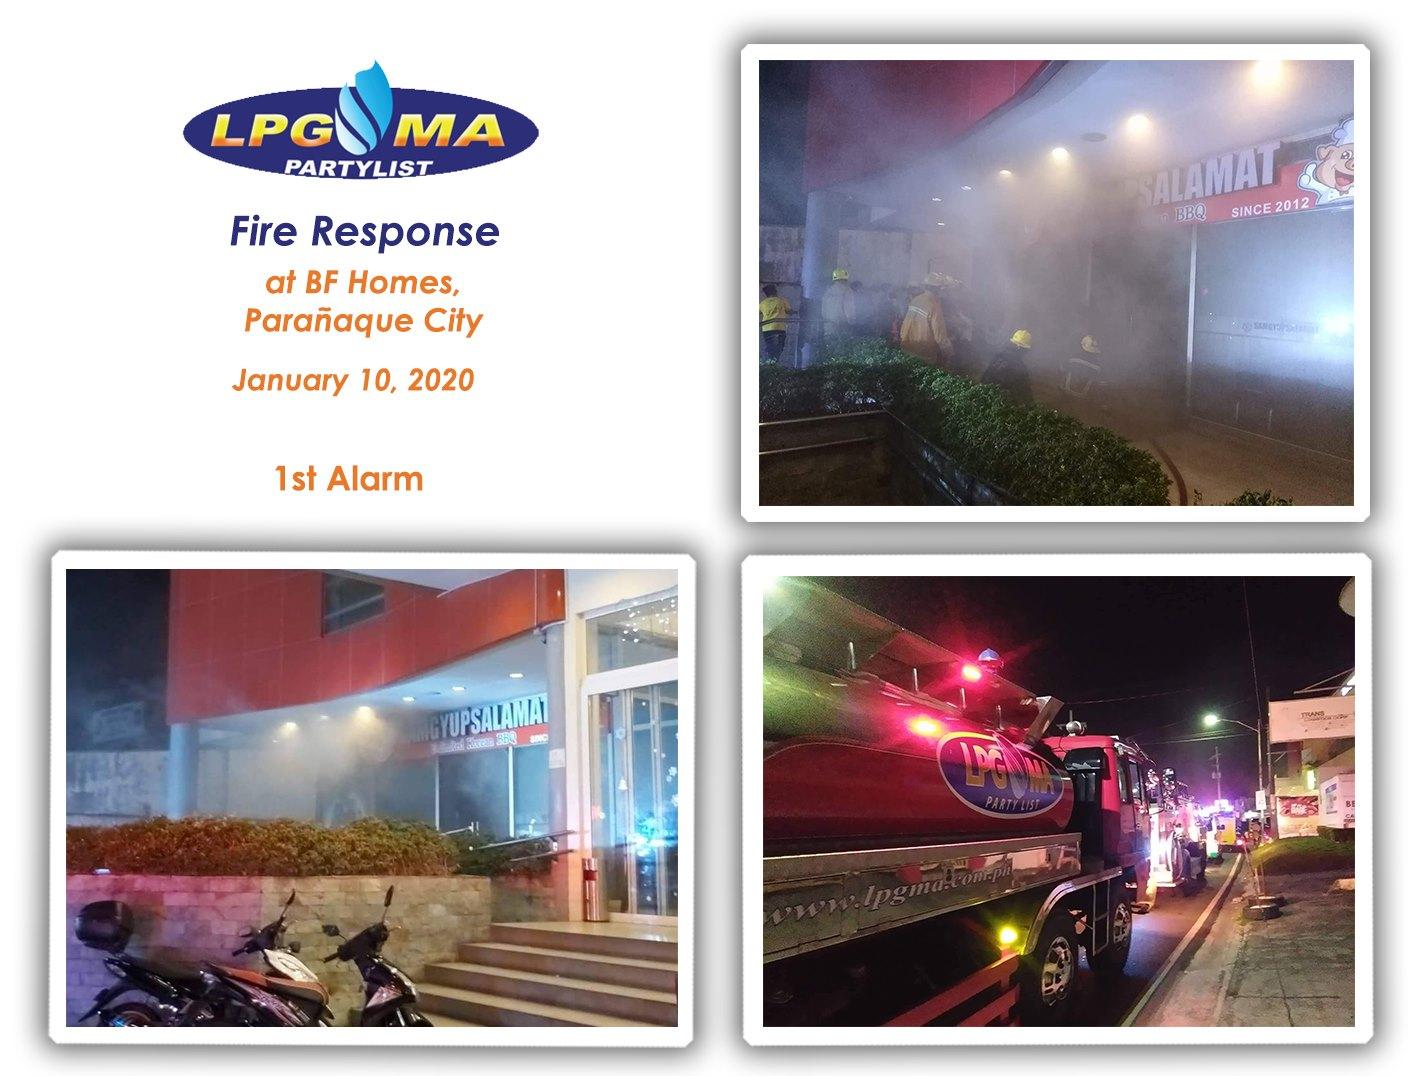 LPGMA Fire Response in BF Homes Parañaque